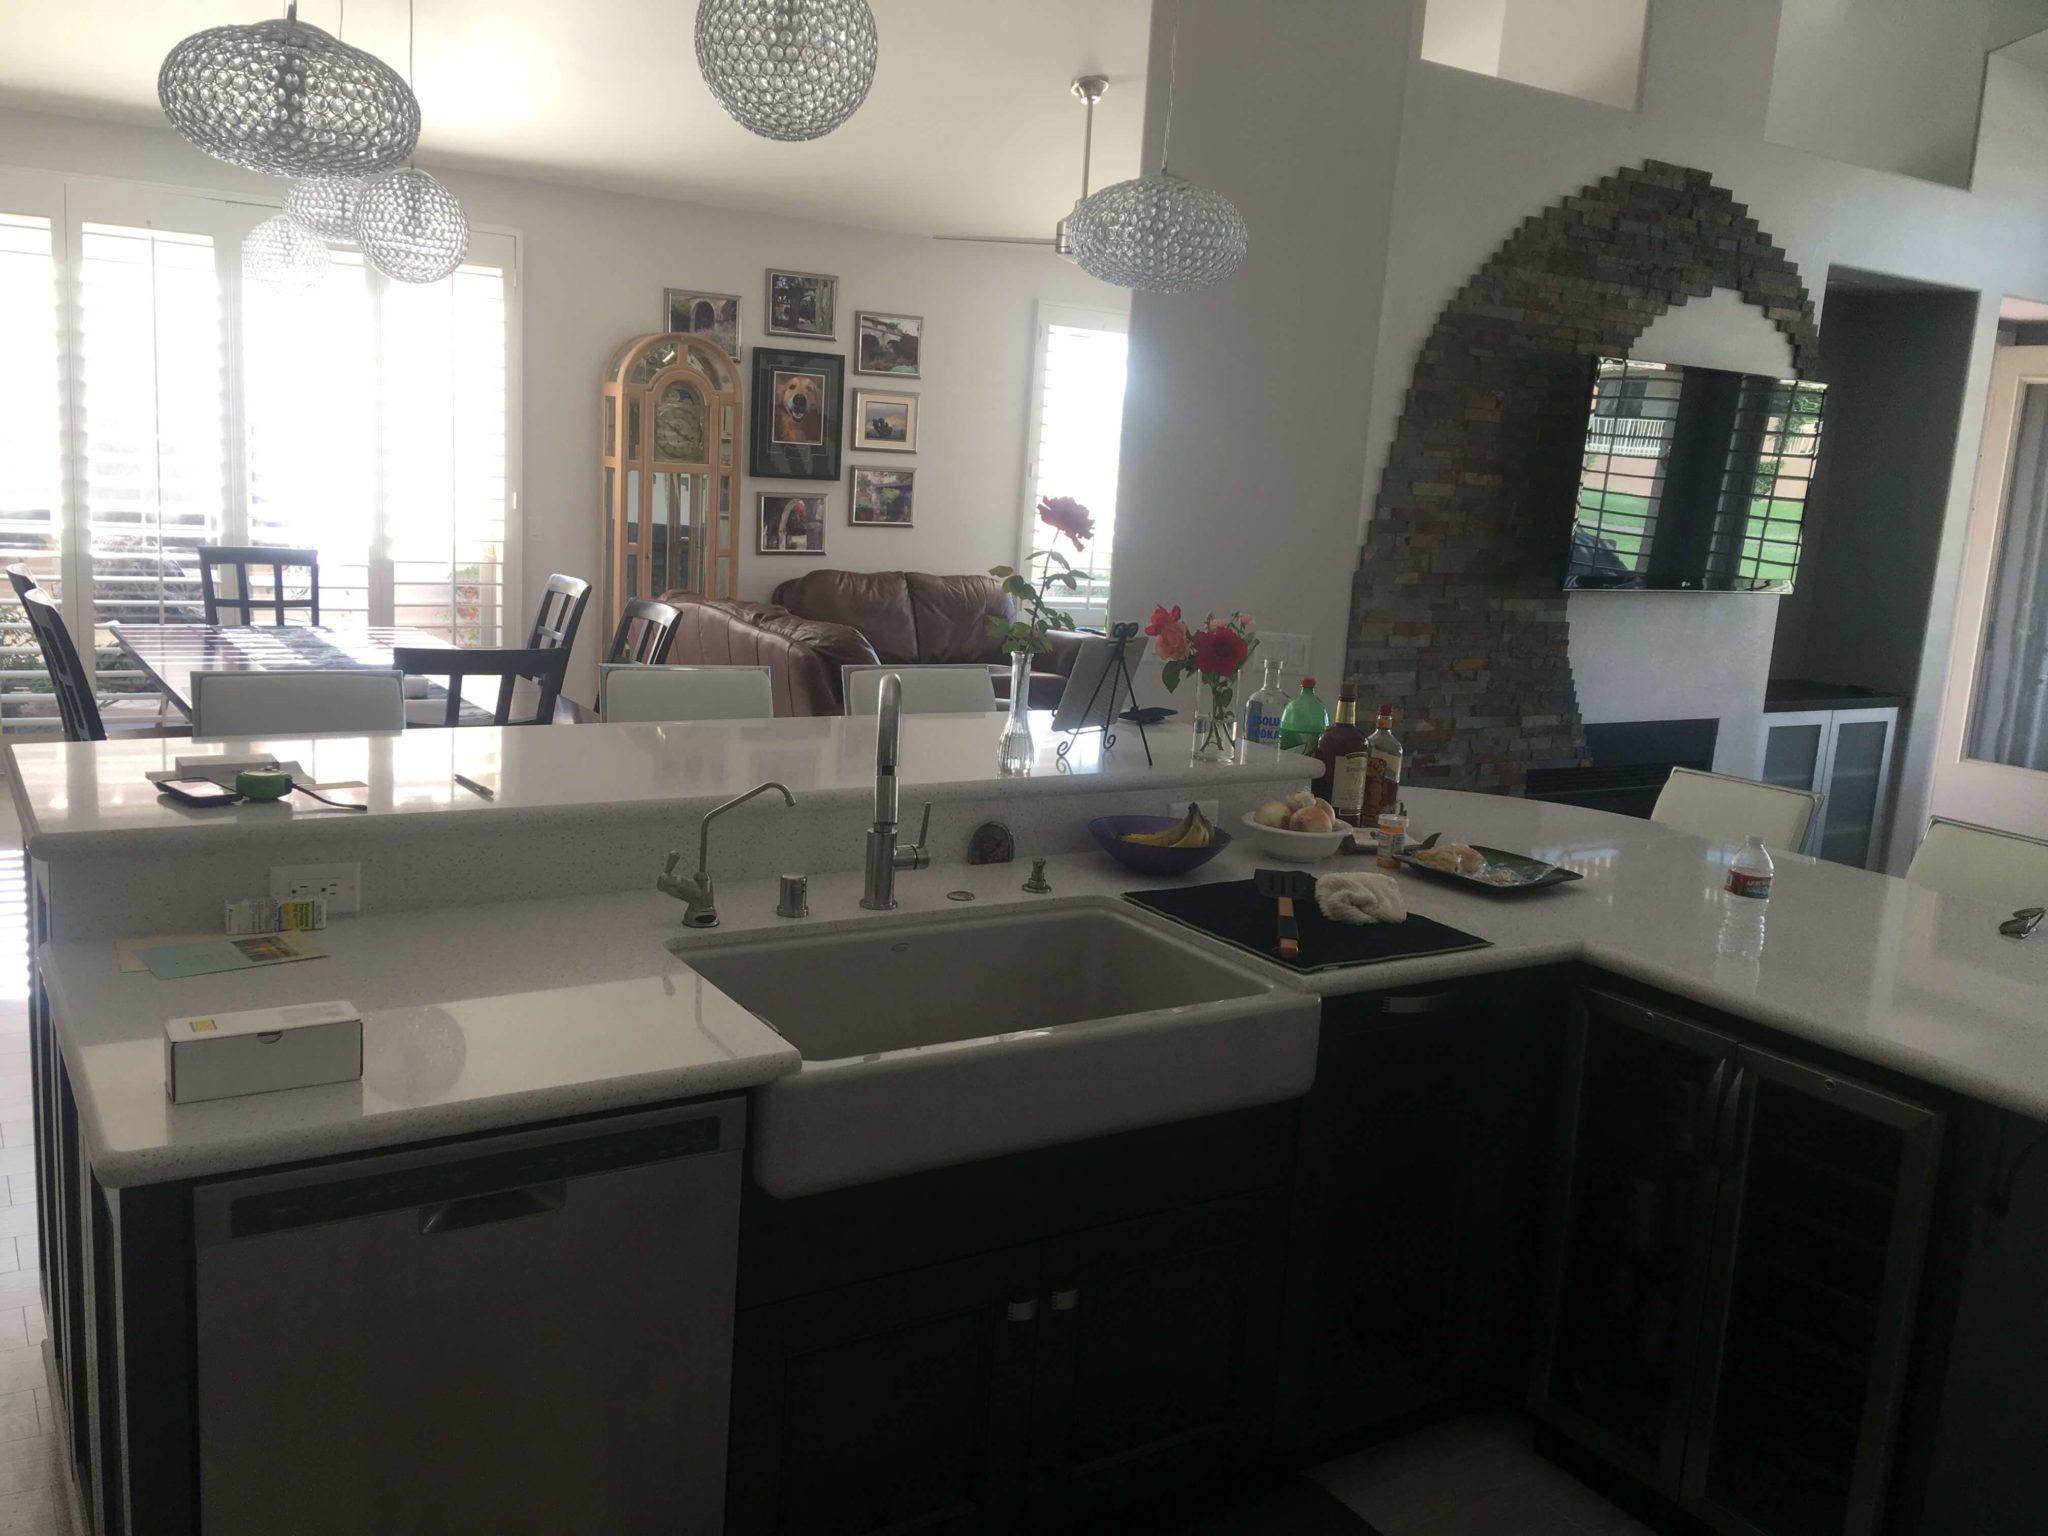 Kitchen Cabinets In Palm Desert Ca